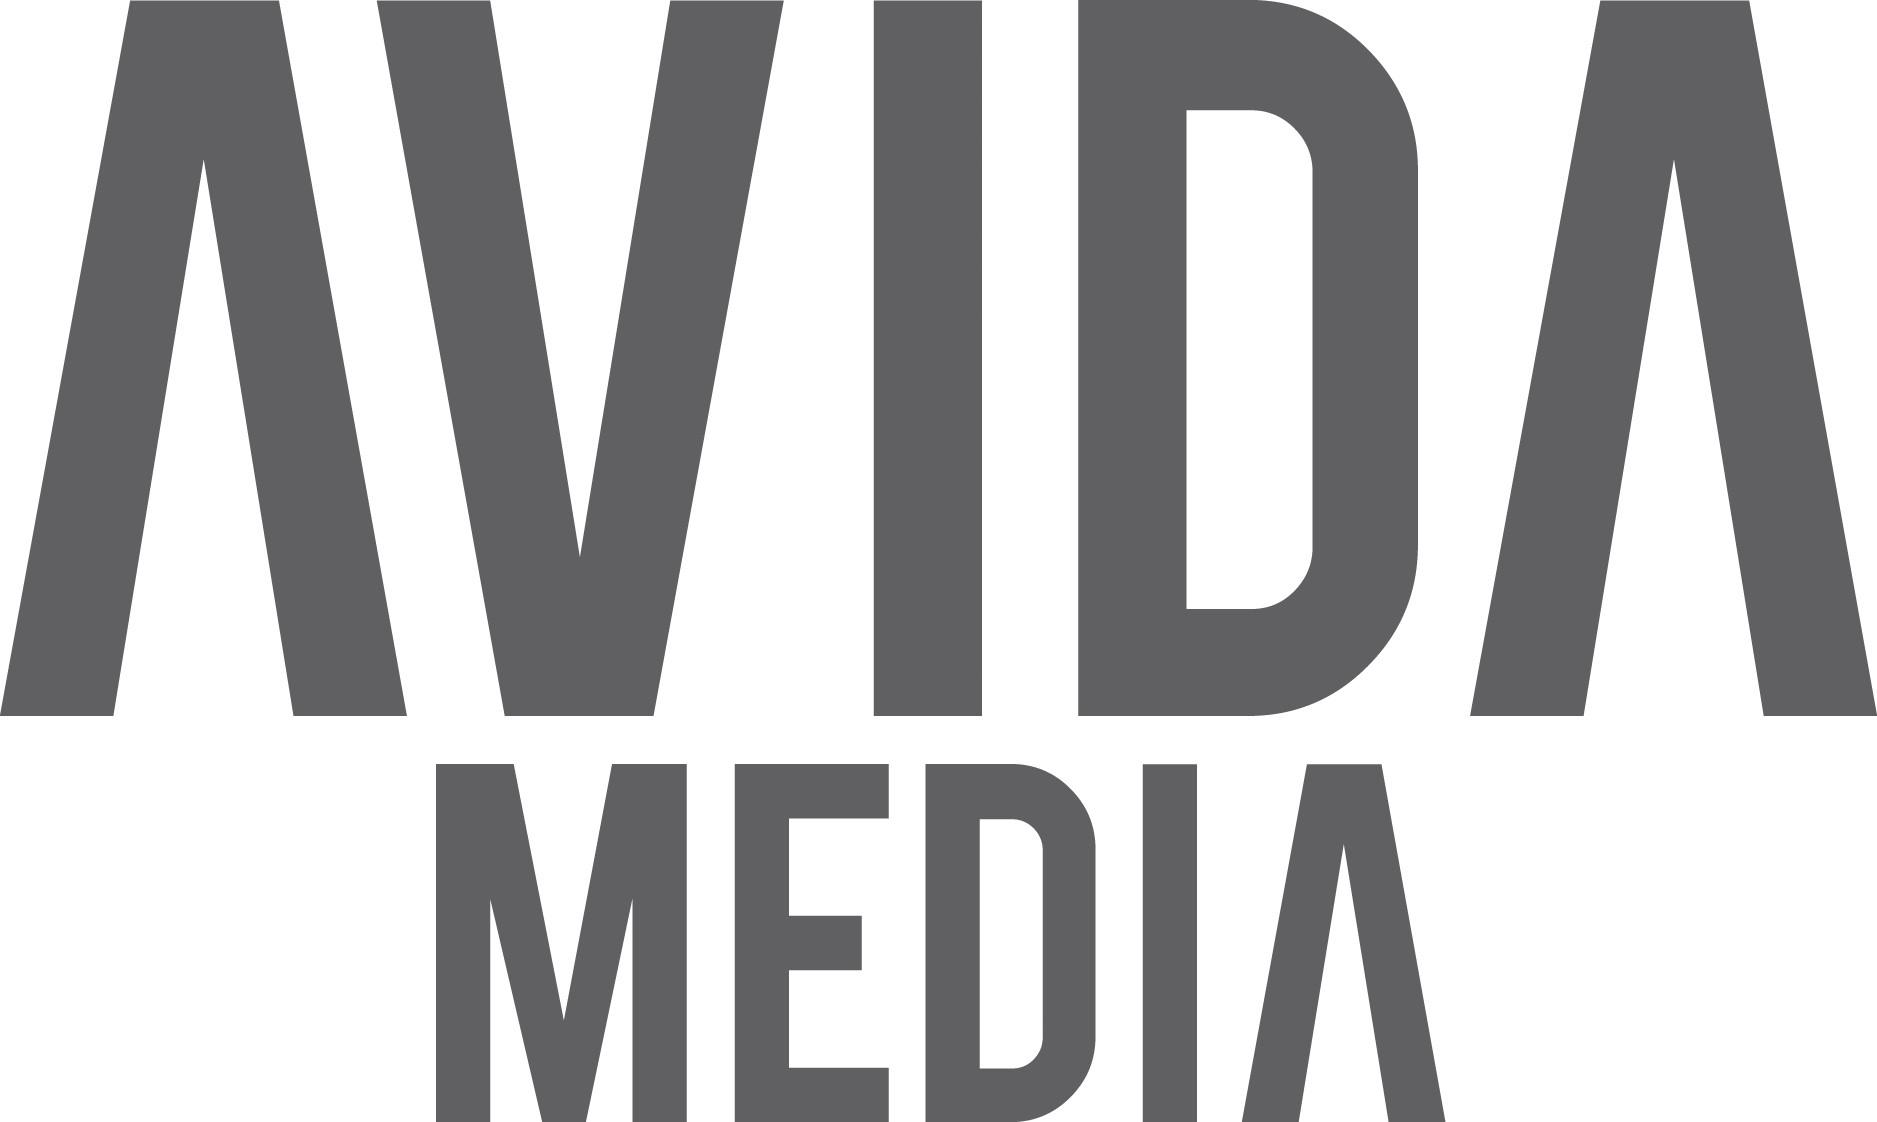 avida media - AVIDA MEDIA